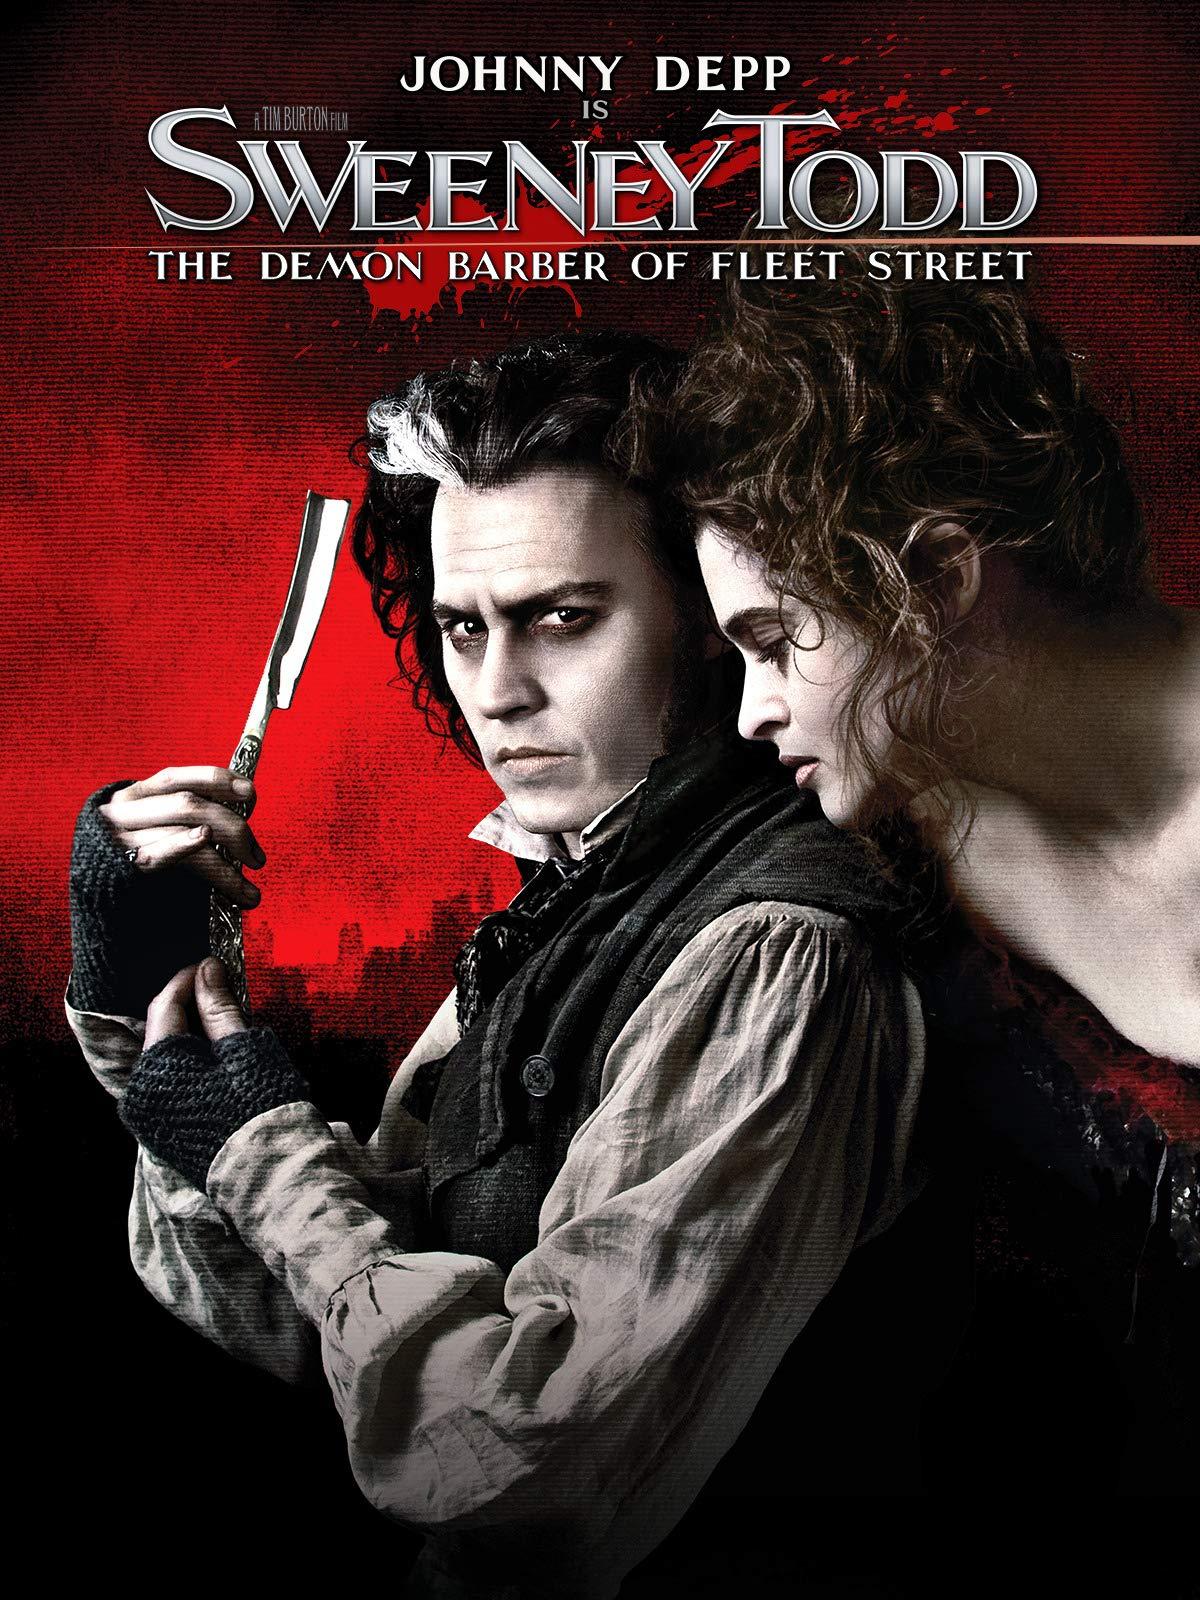 Watch Sweeney Todd The Demon Barber Of Fleet Street Prime Video